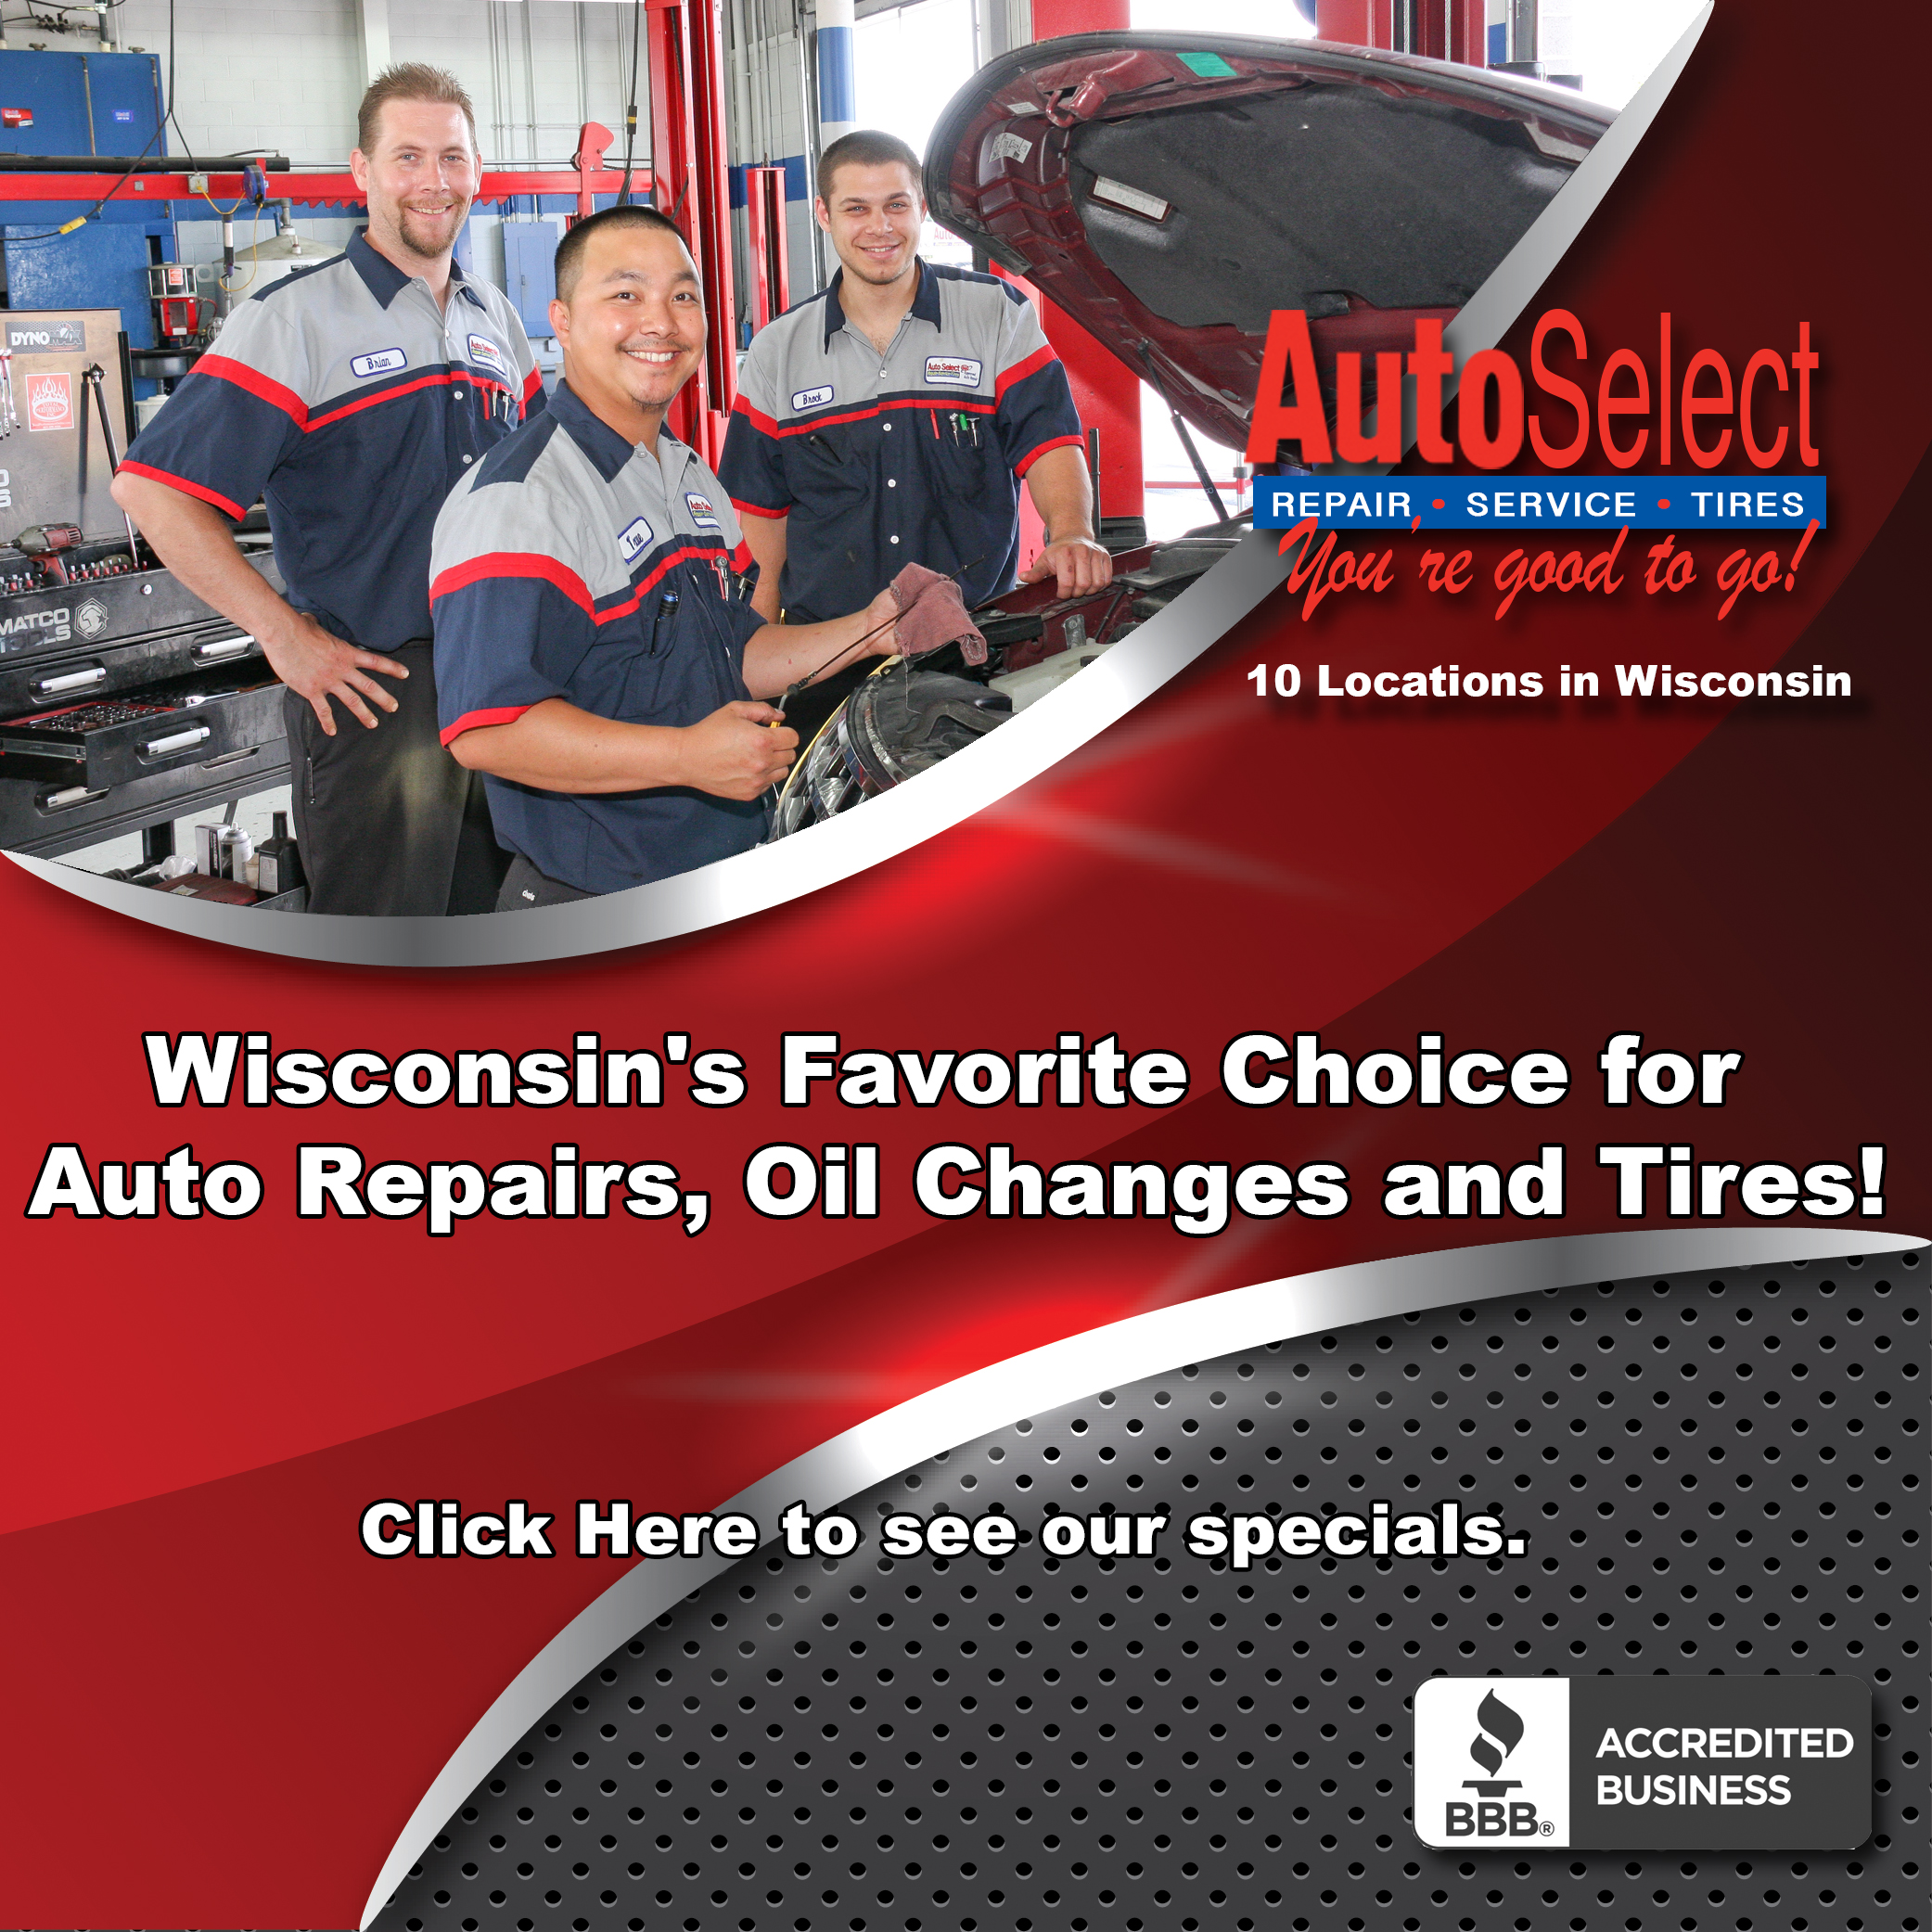 Best Auto Repair Shop in Neenah WI